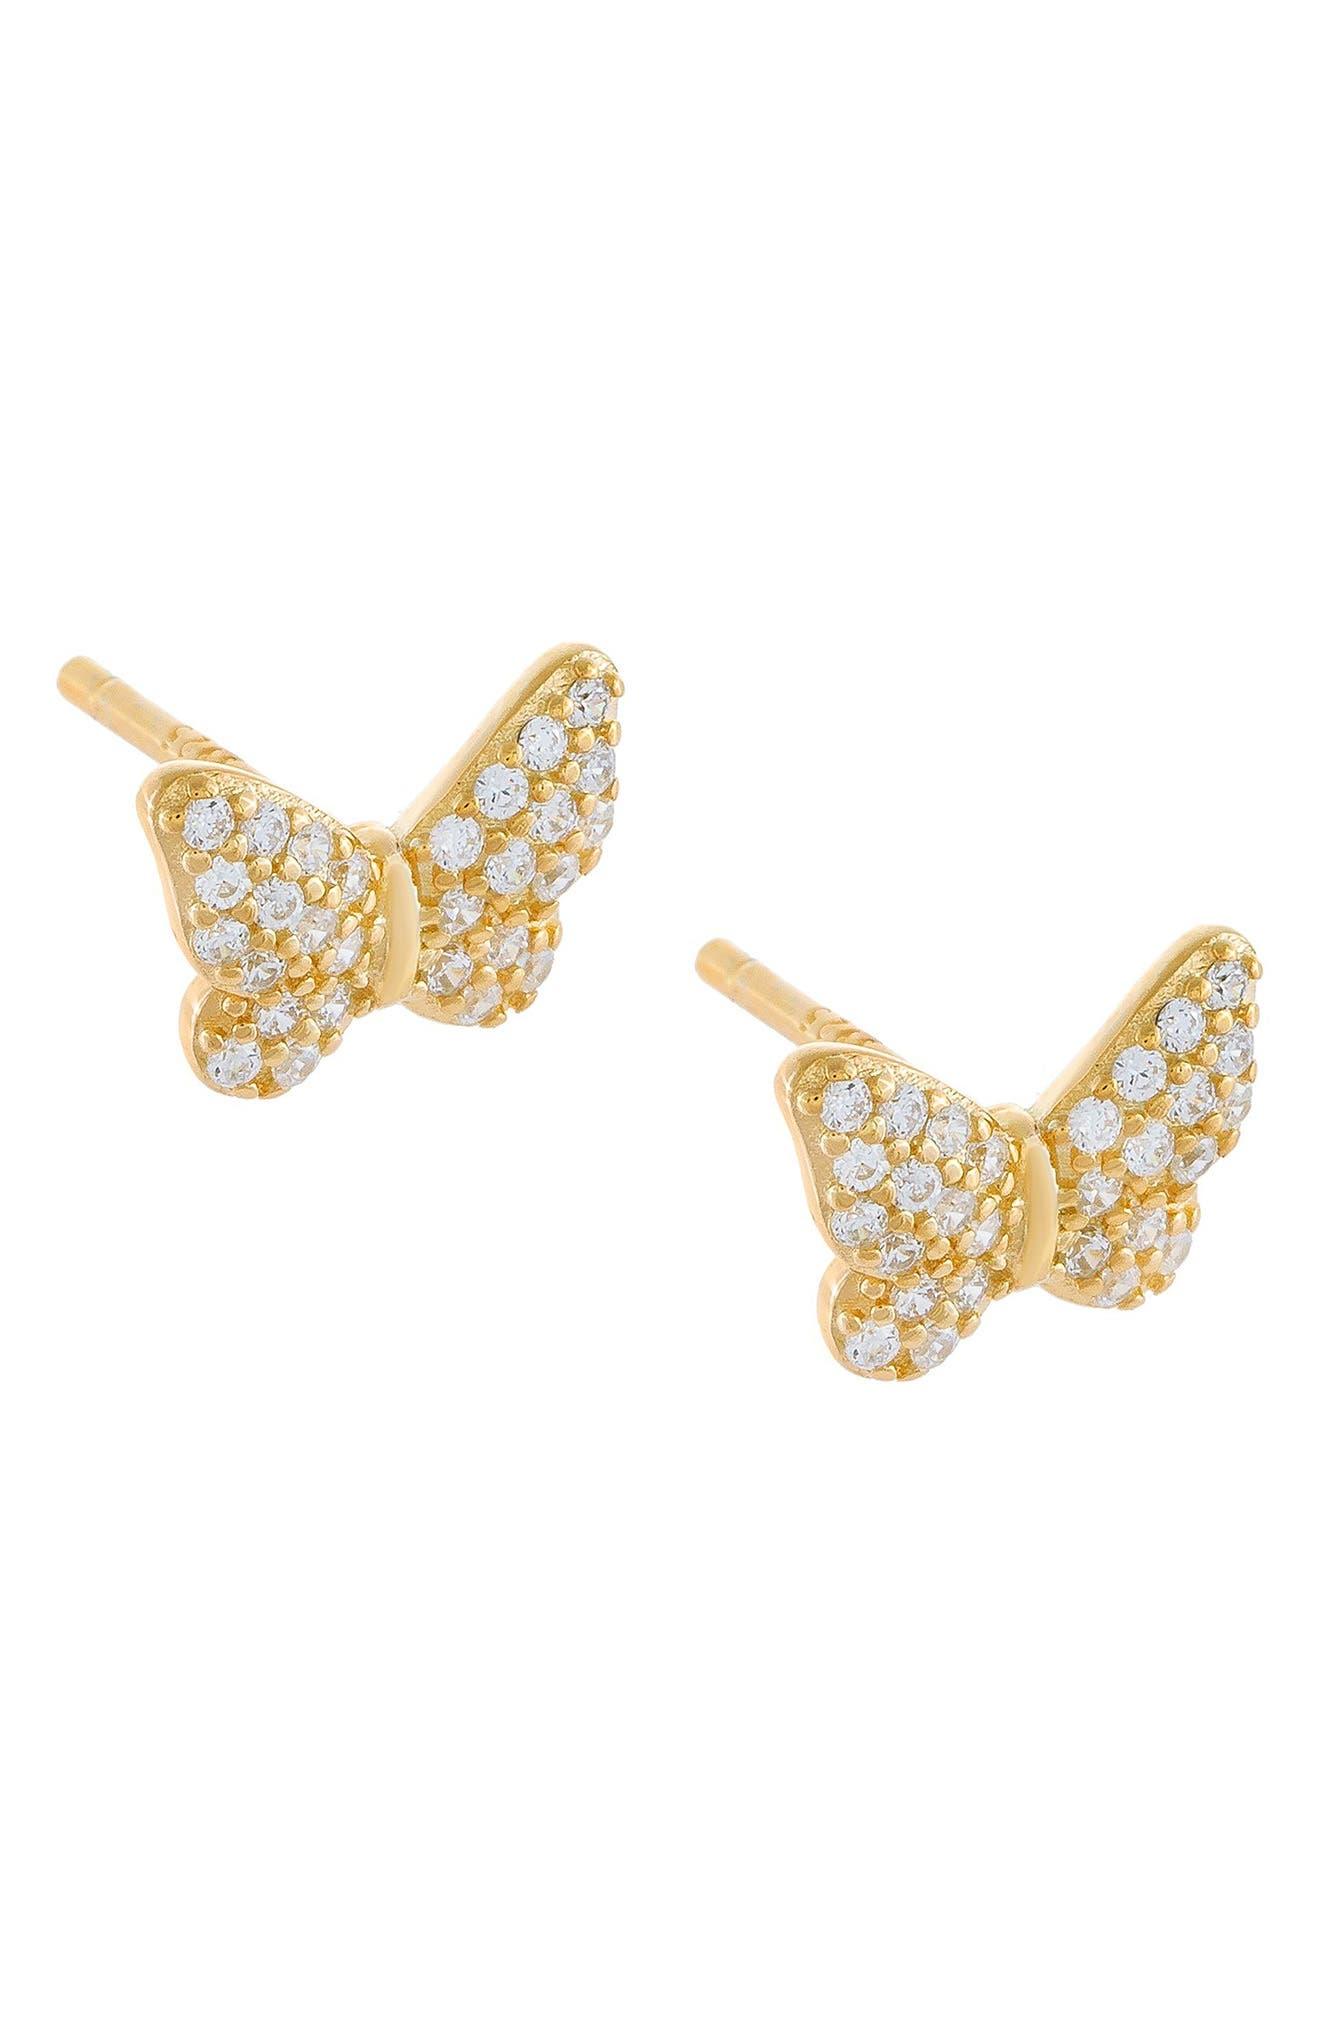 Women's Adina's Jewels Pave Butterfly Stud Earrings